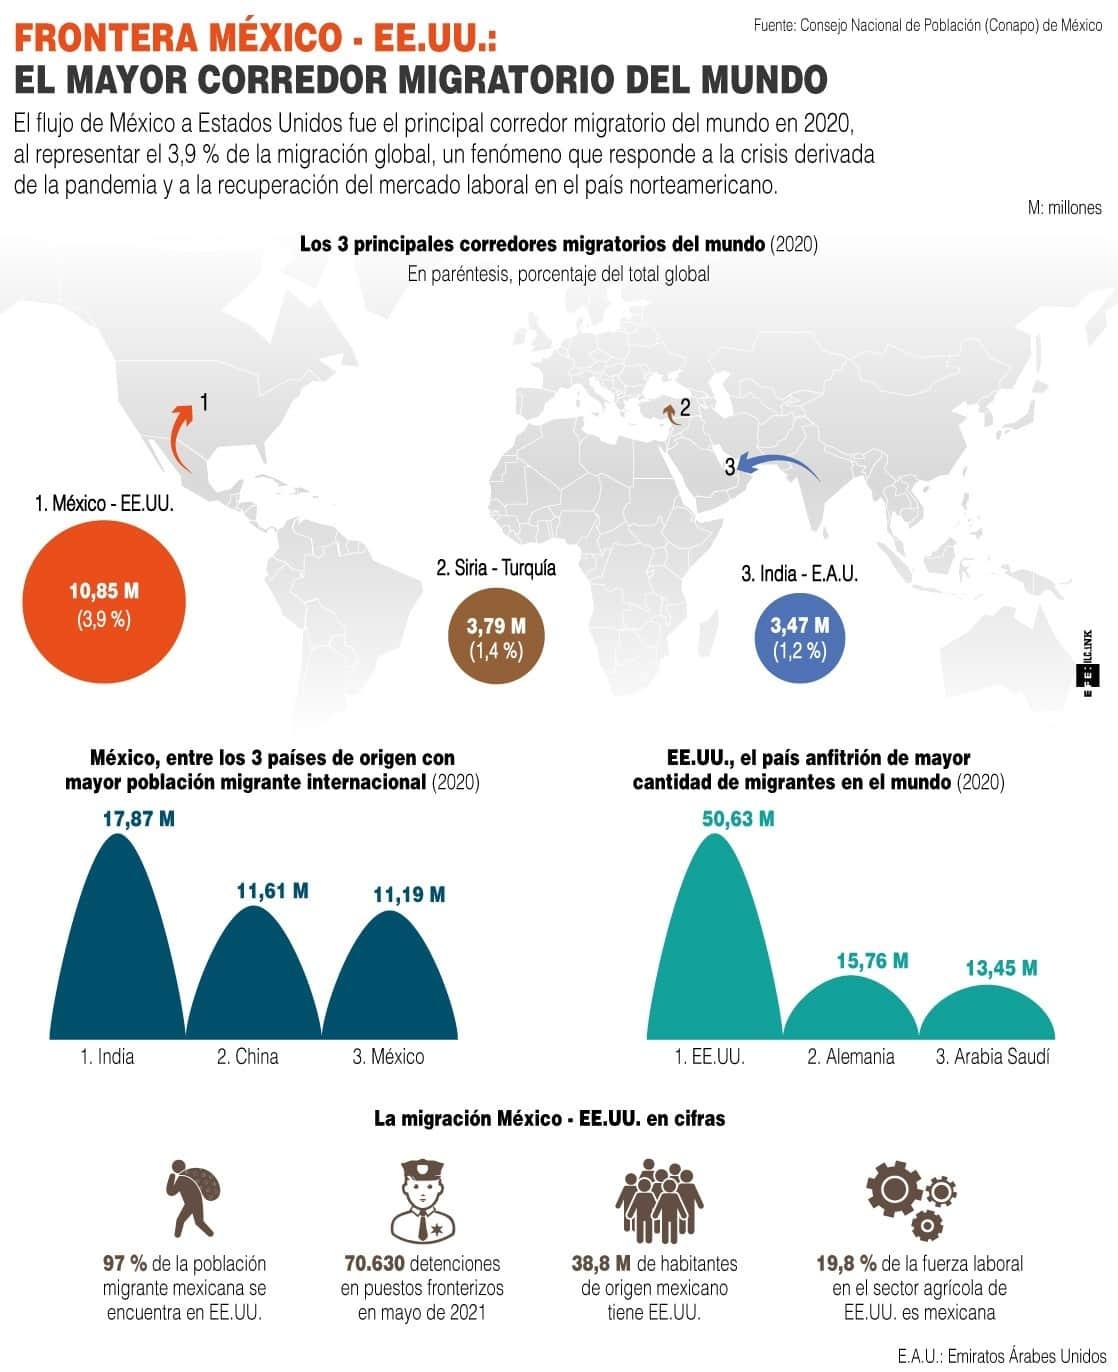 [Infografía] La frontera de México y EE. UU. es el principal corredor migratorio del mundo 1